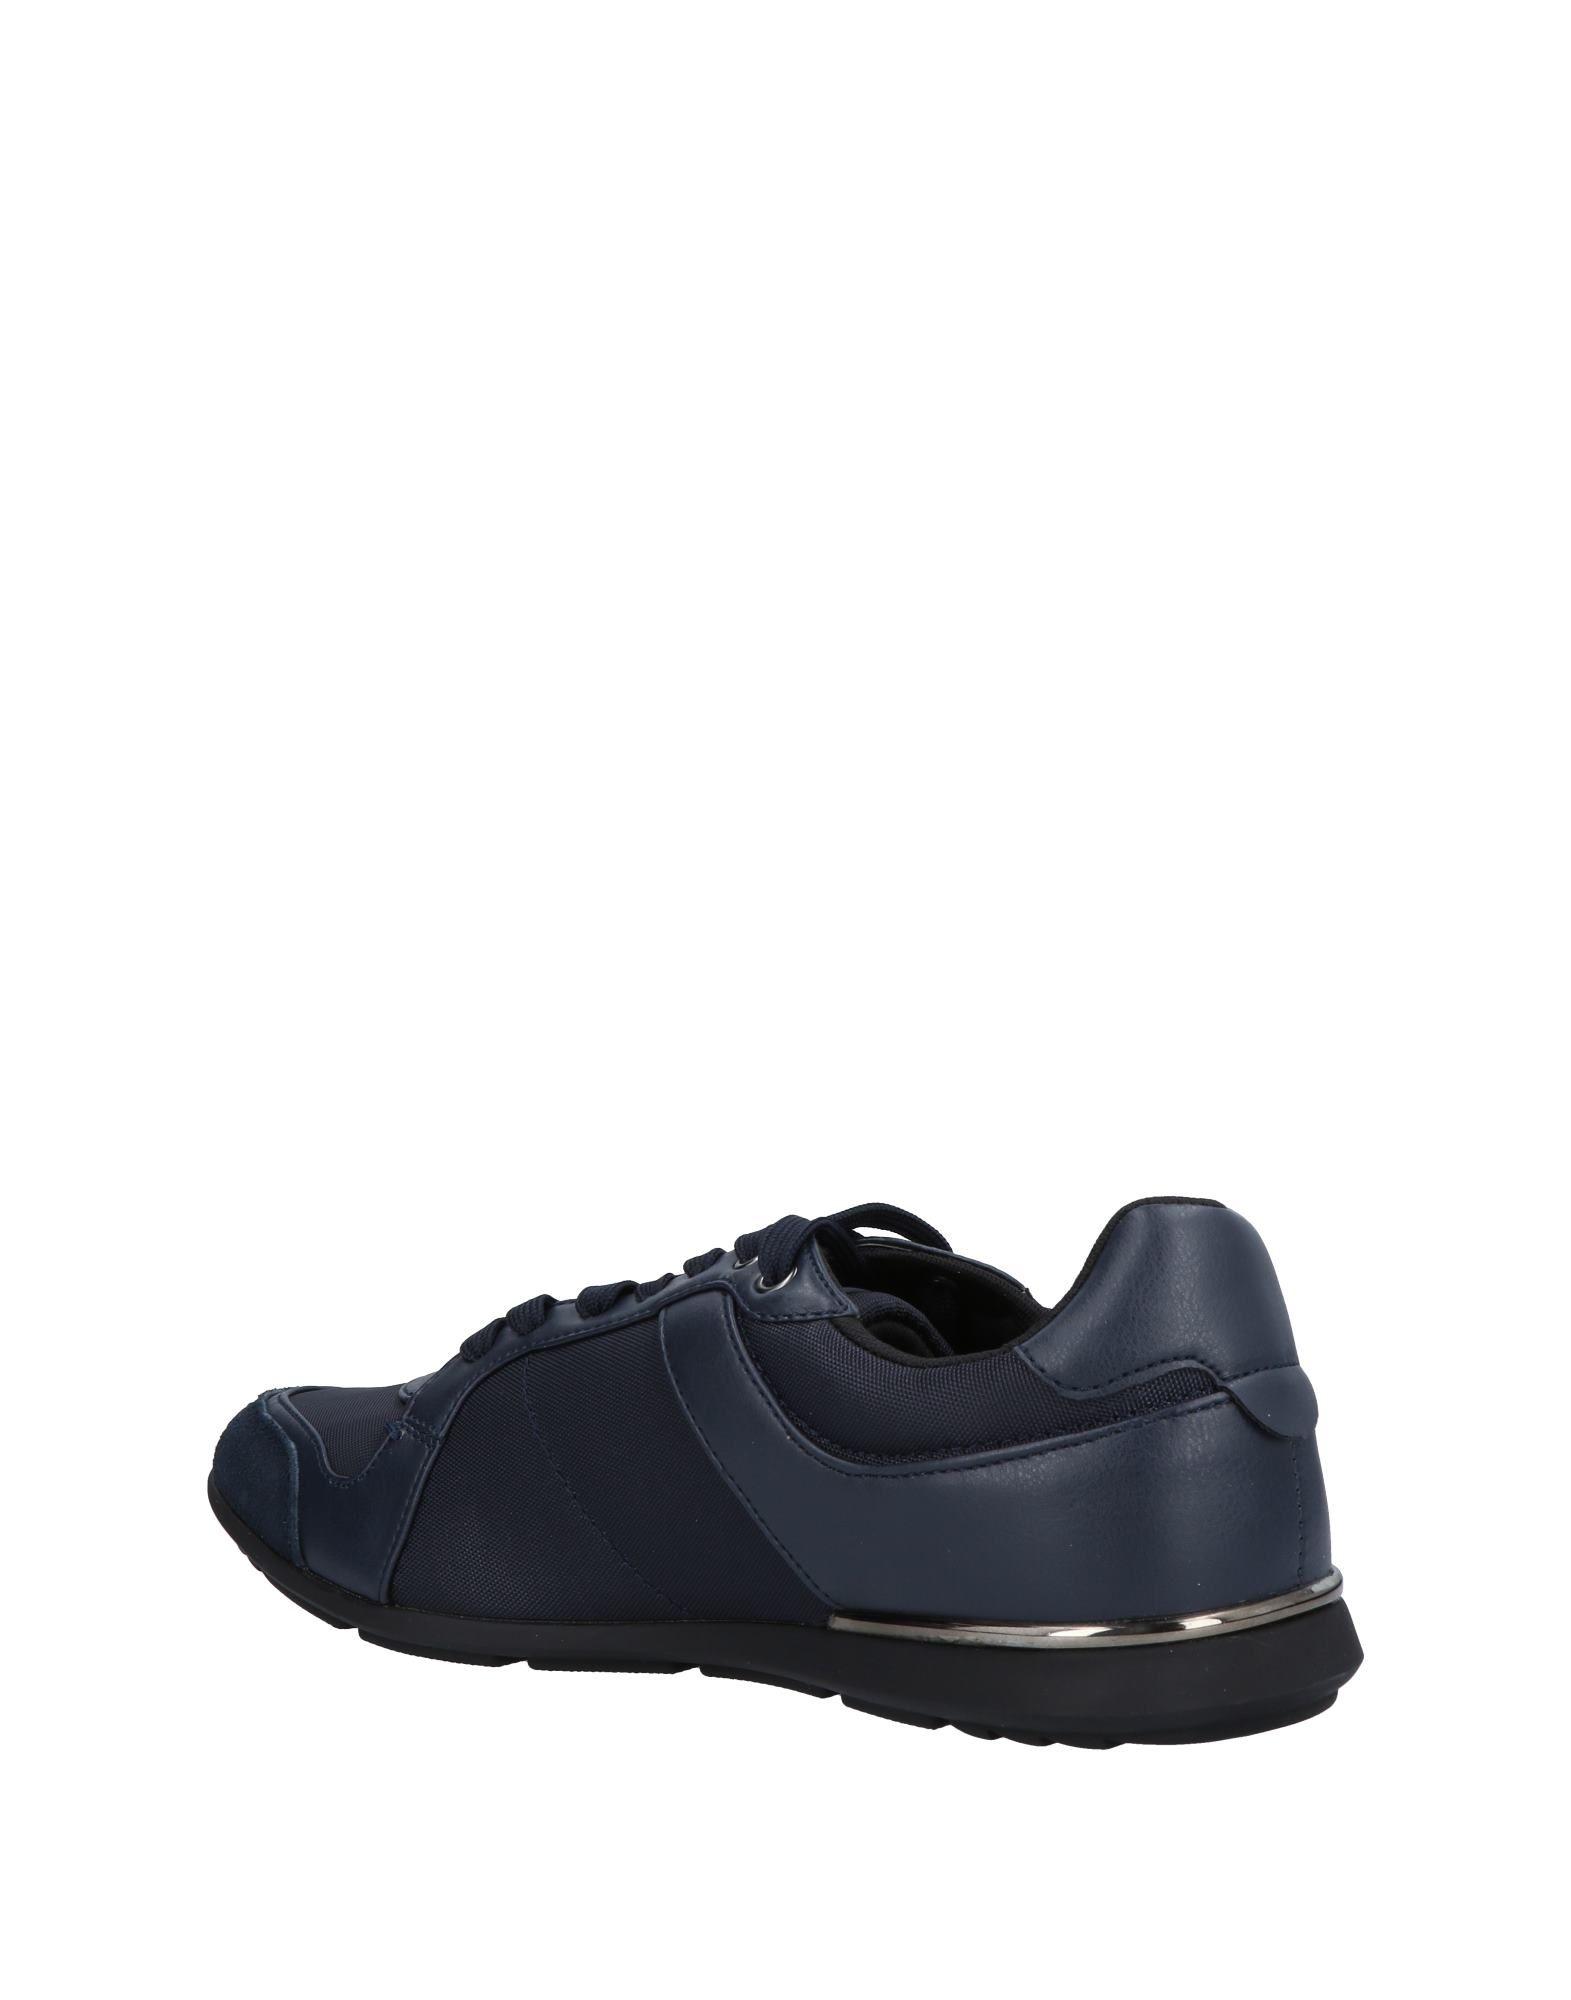 Rabatt Sneakers echte Schuhe Versace Jeans Sneakers Rabatt Herren  11463347BT 69f57a